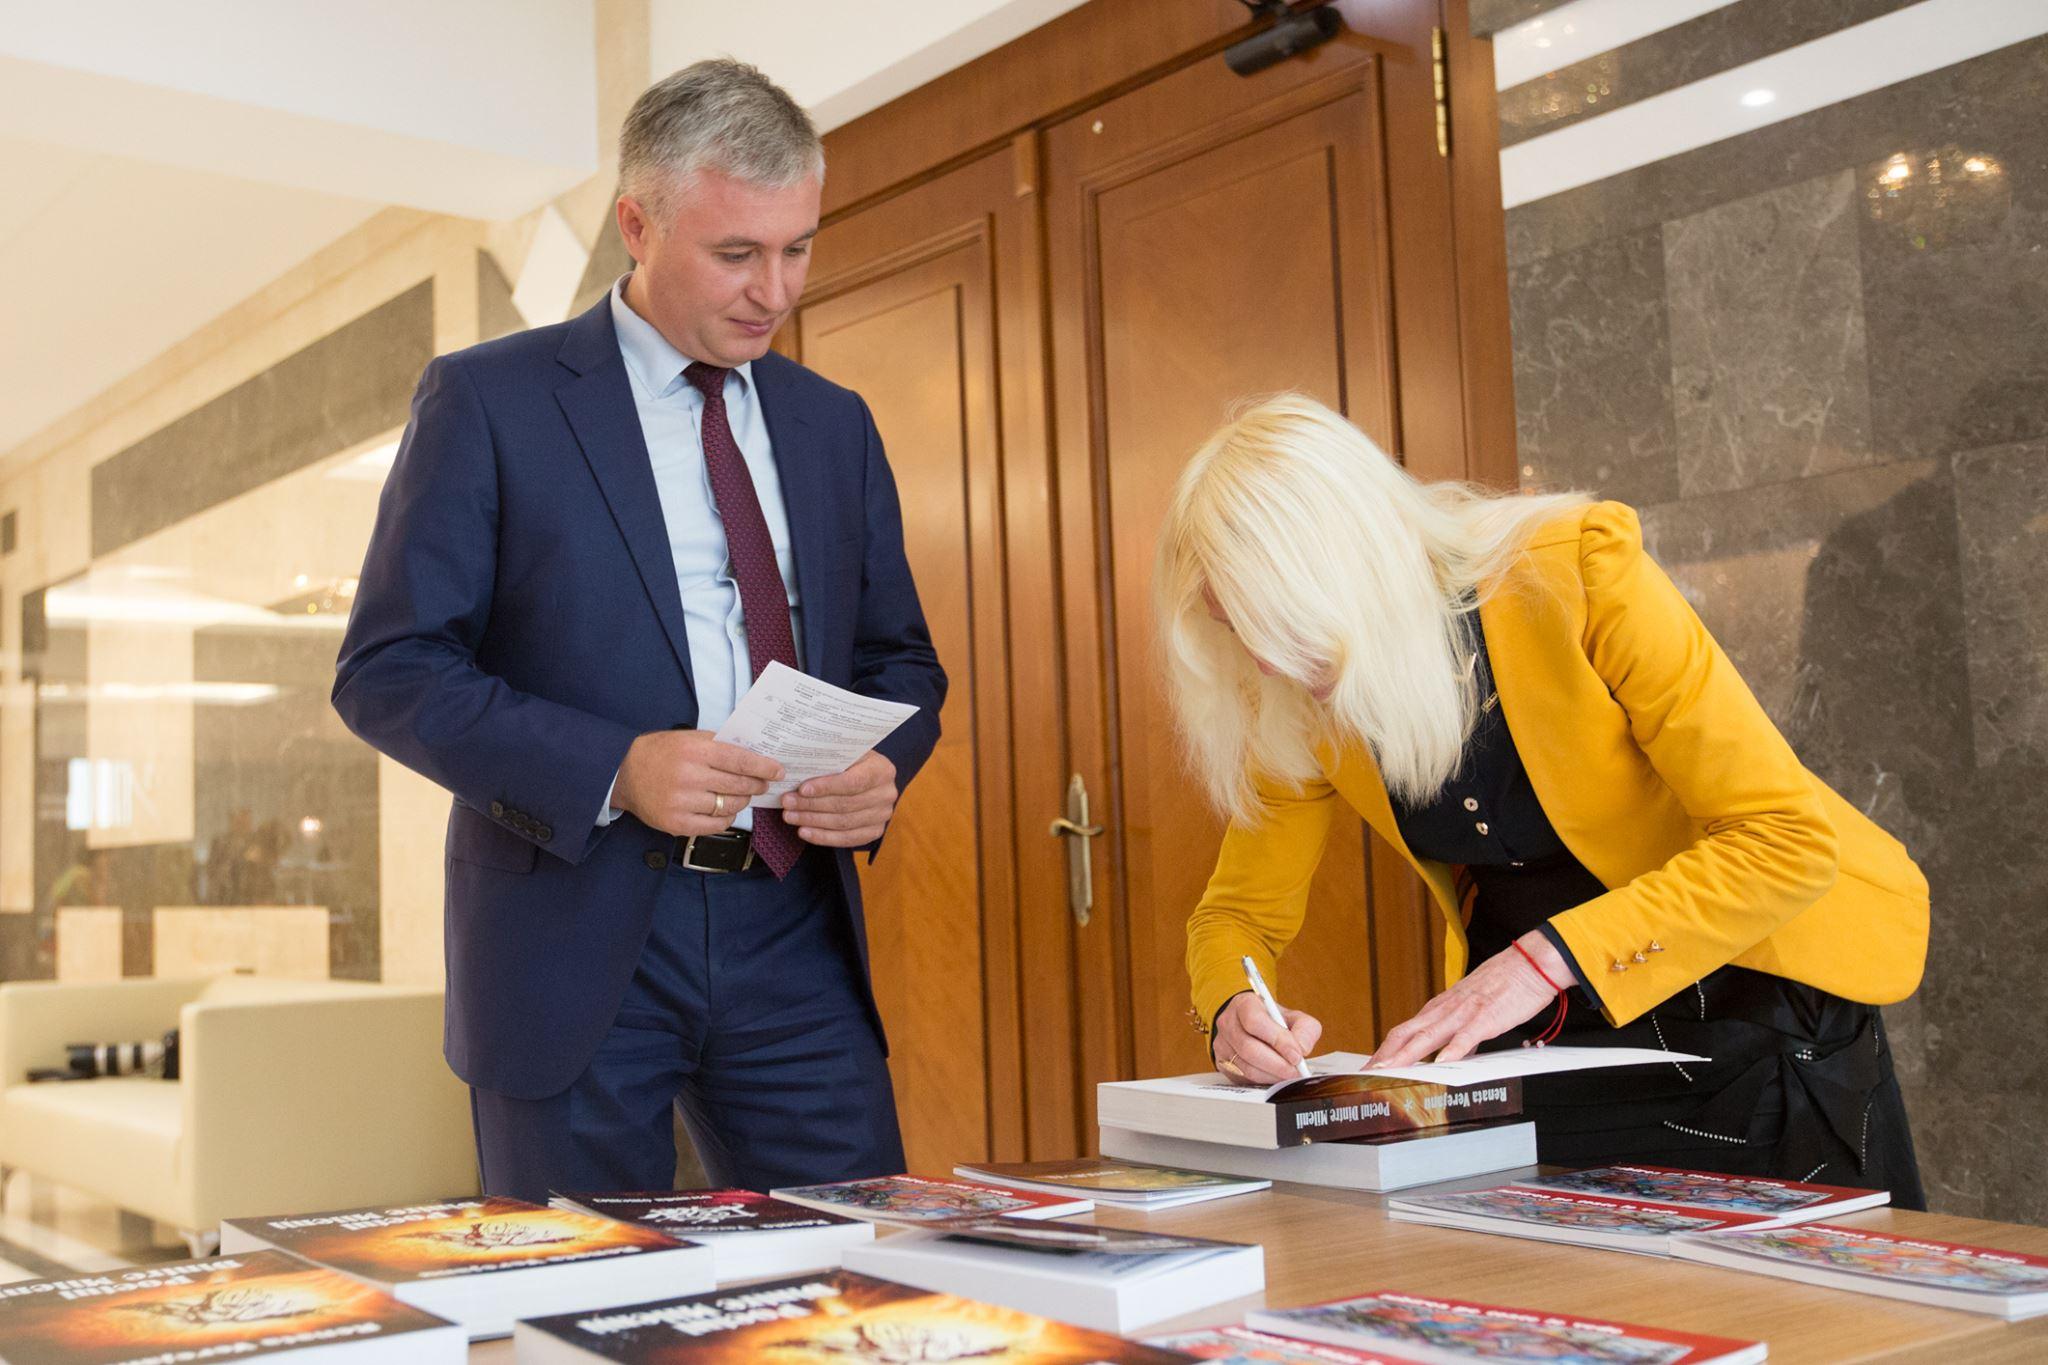 Expoziție de carte la Parlament. Autor: Deputații sunt mai tot timpul ocupați, de aceea am decis să aduc versurile mele în Parlament